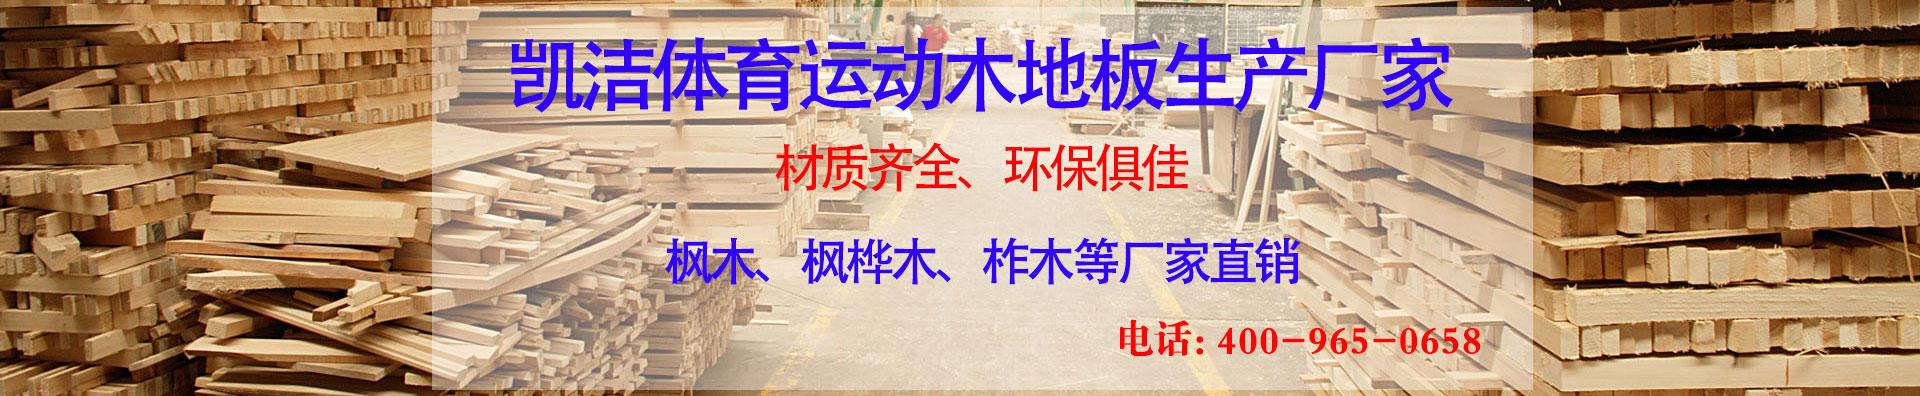 大型long8官网场long8龙8国际哪家便宜_凯洁运动long8龙8国际